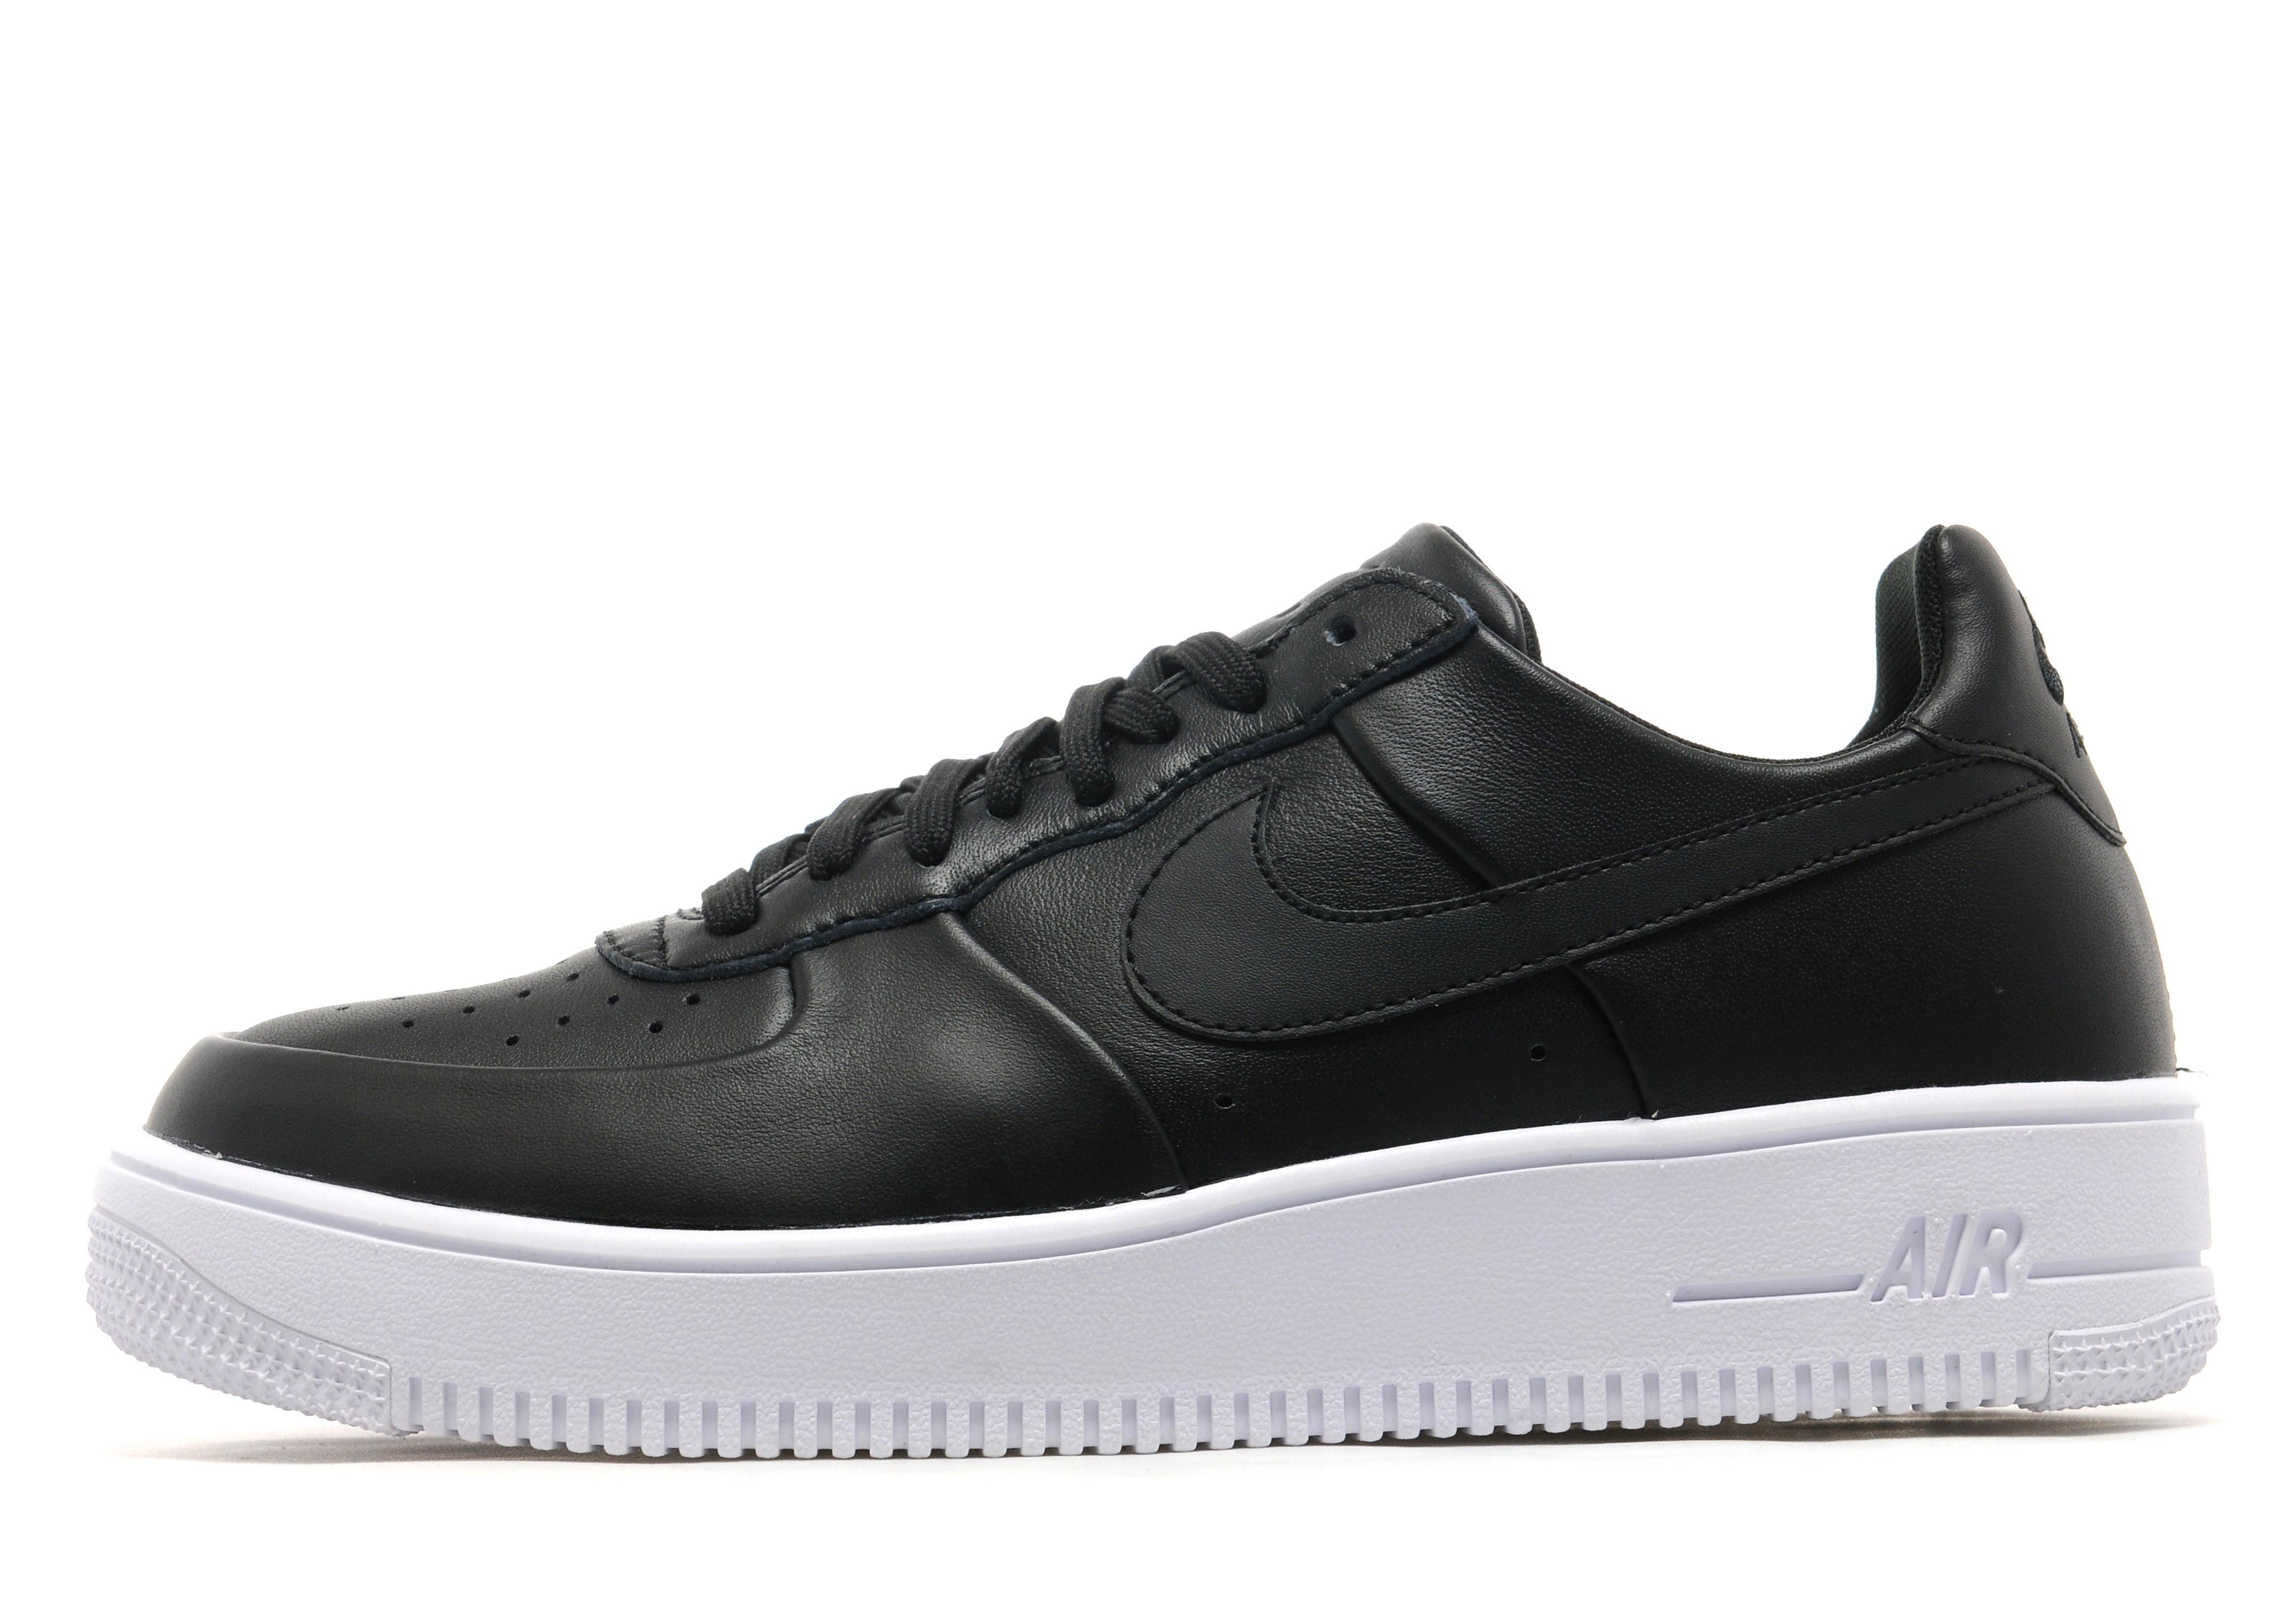 Nike Air Force1 Ultra Force